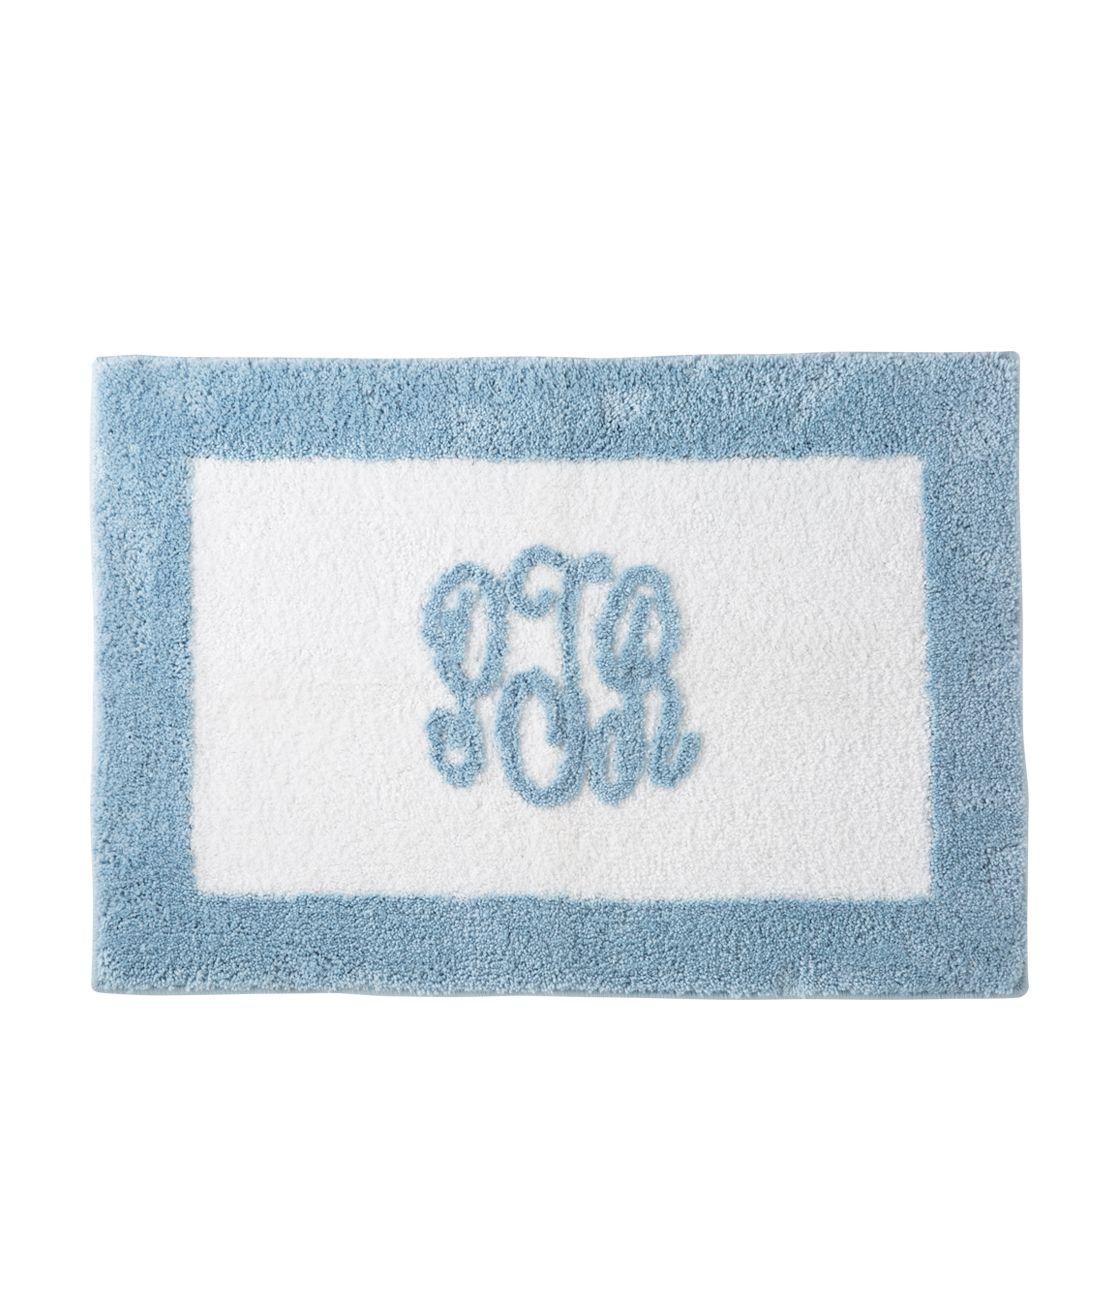 Hotel-like logo bath mat